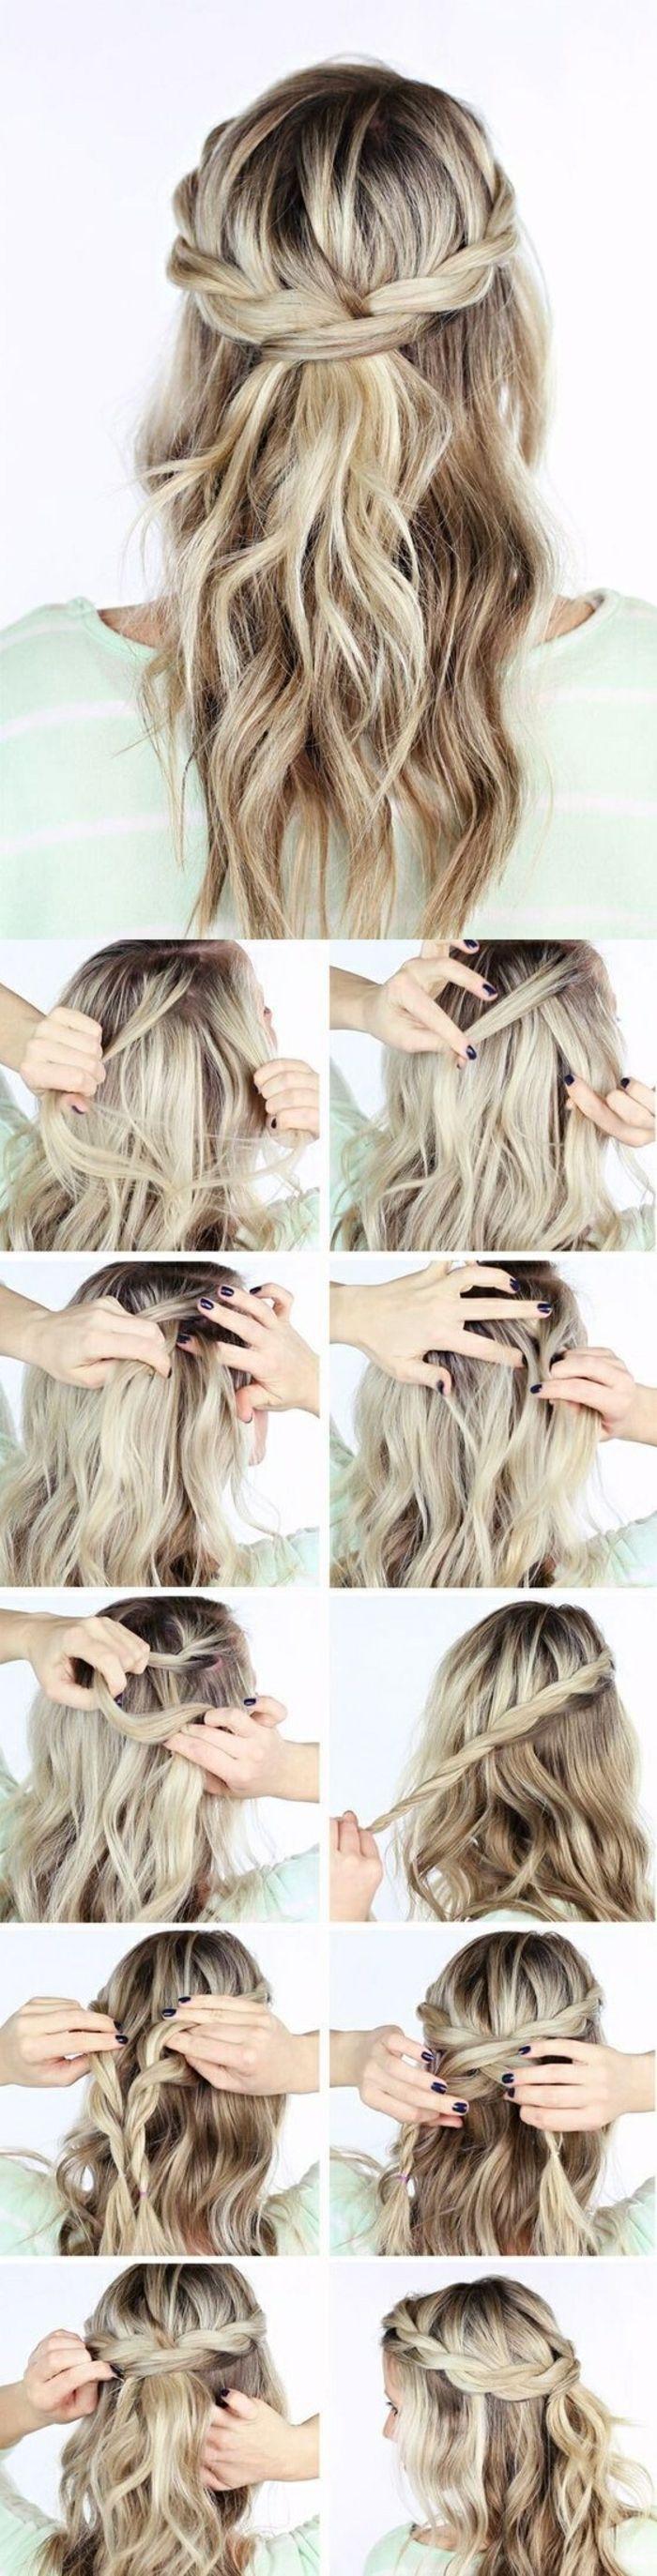 Einfache Frisuren Mittellange Blonde Lockige Haare Tolle Flechtfrisur Frisuren Offene Haare Einfache Frisuren Mittellang Frisuren